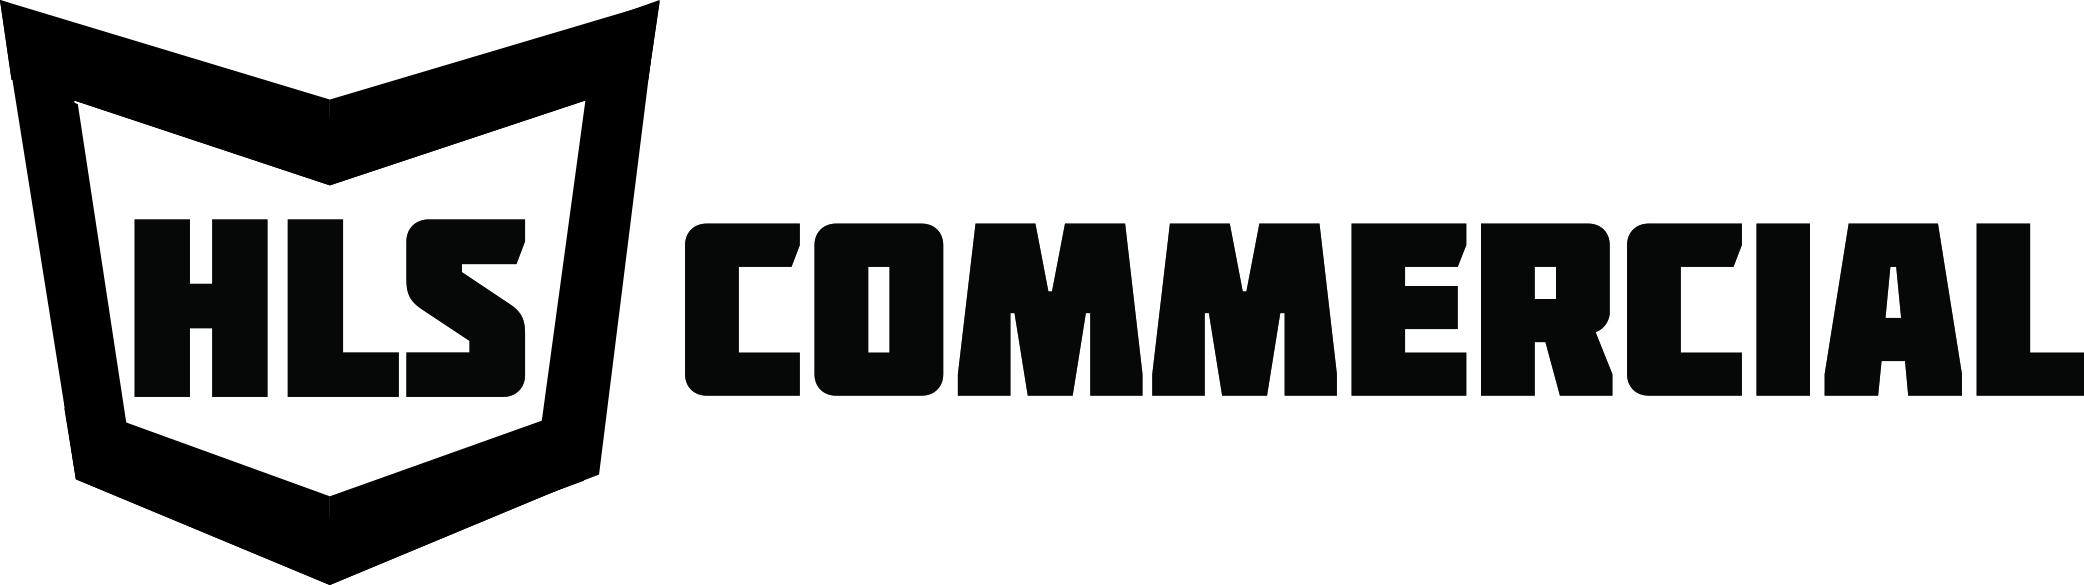 HLScommercial-productlabel-logo